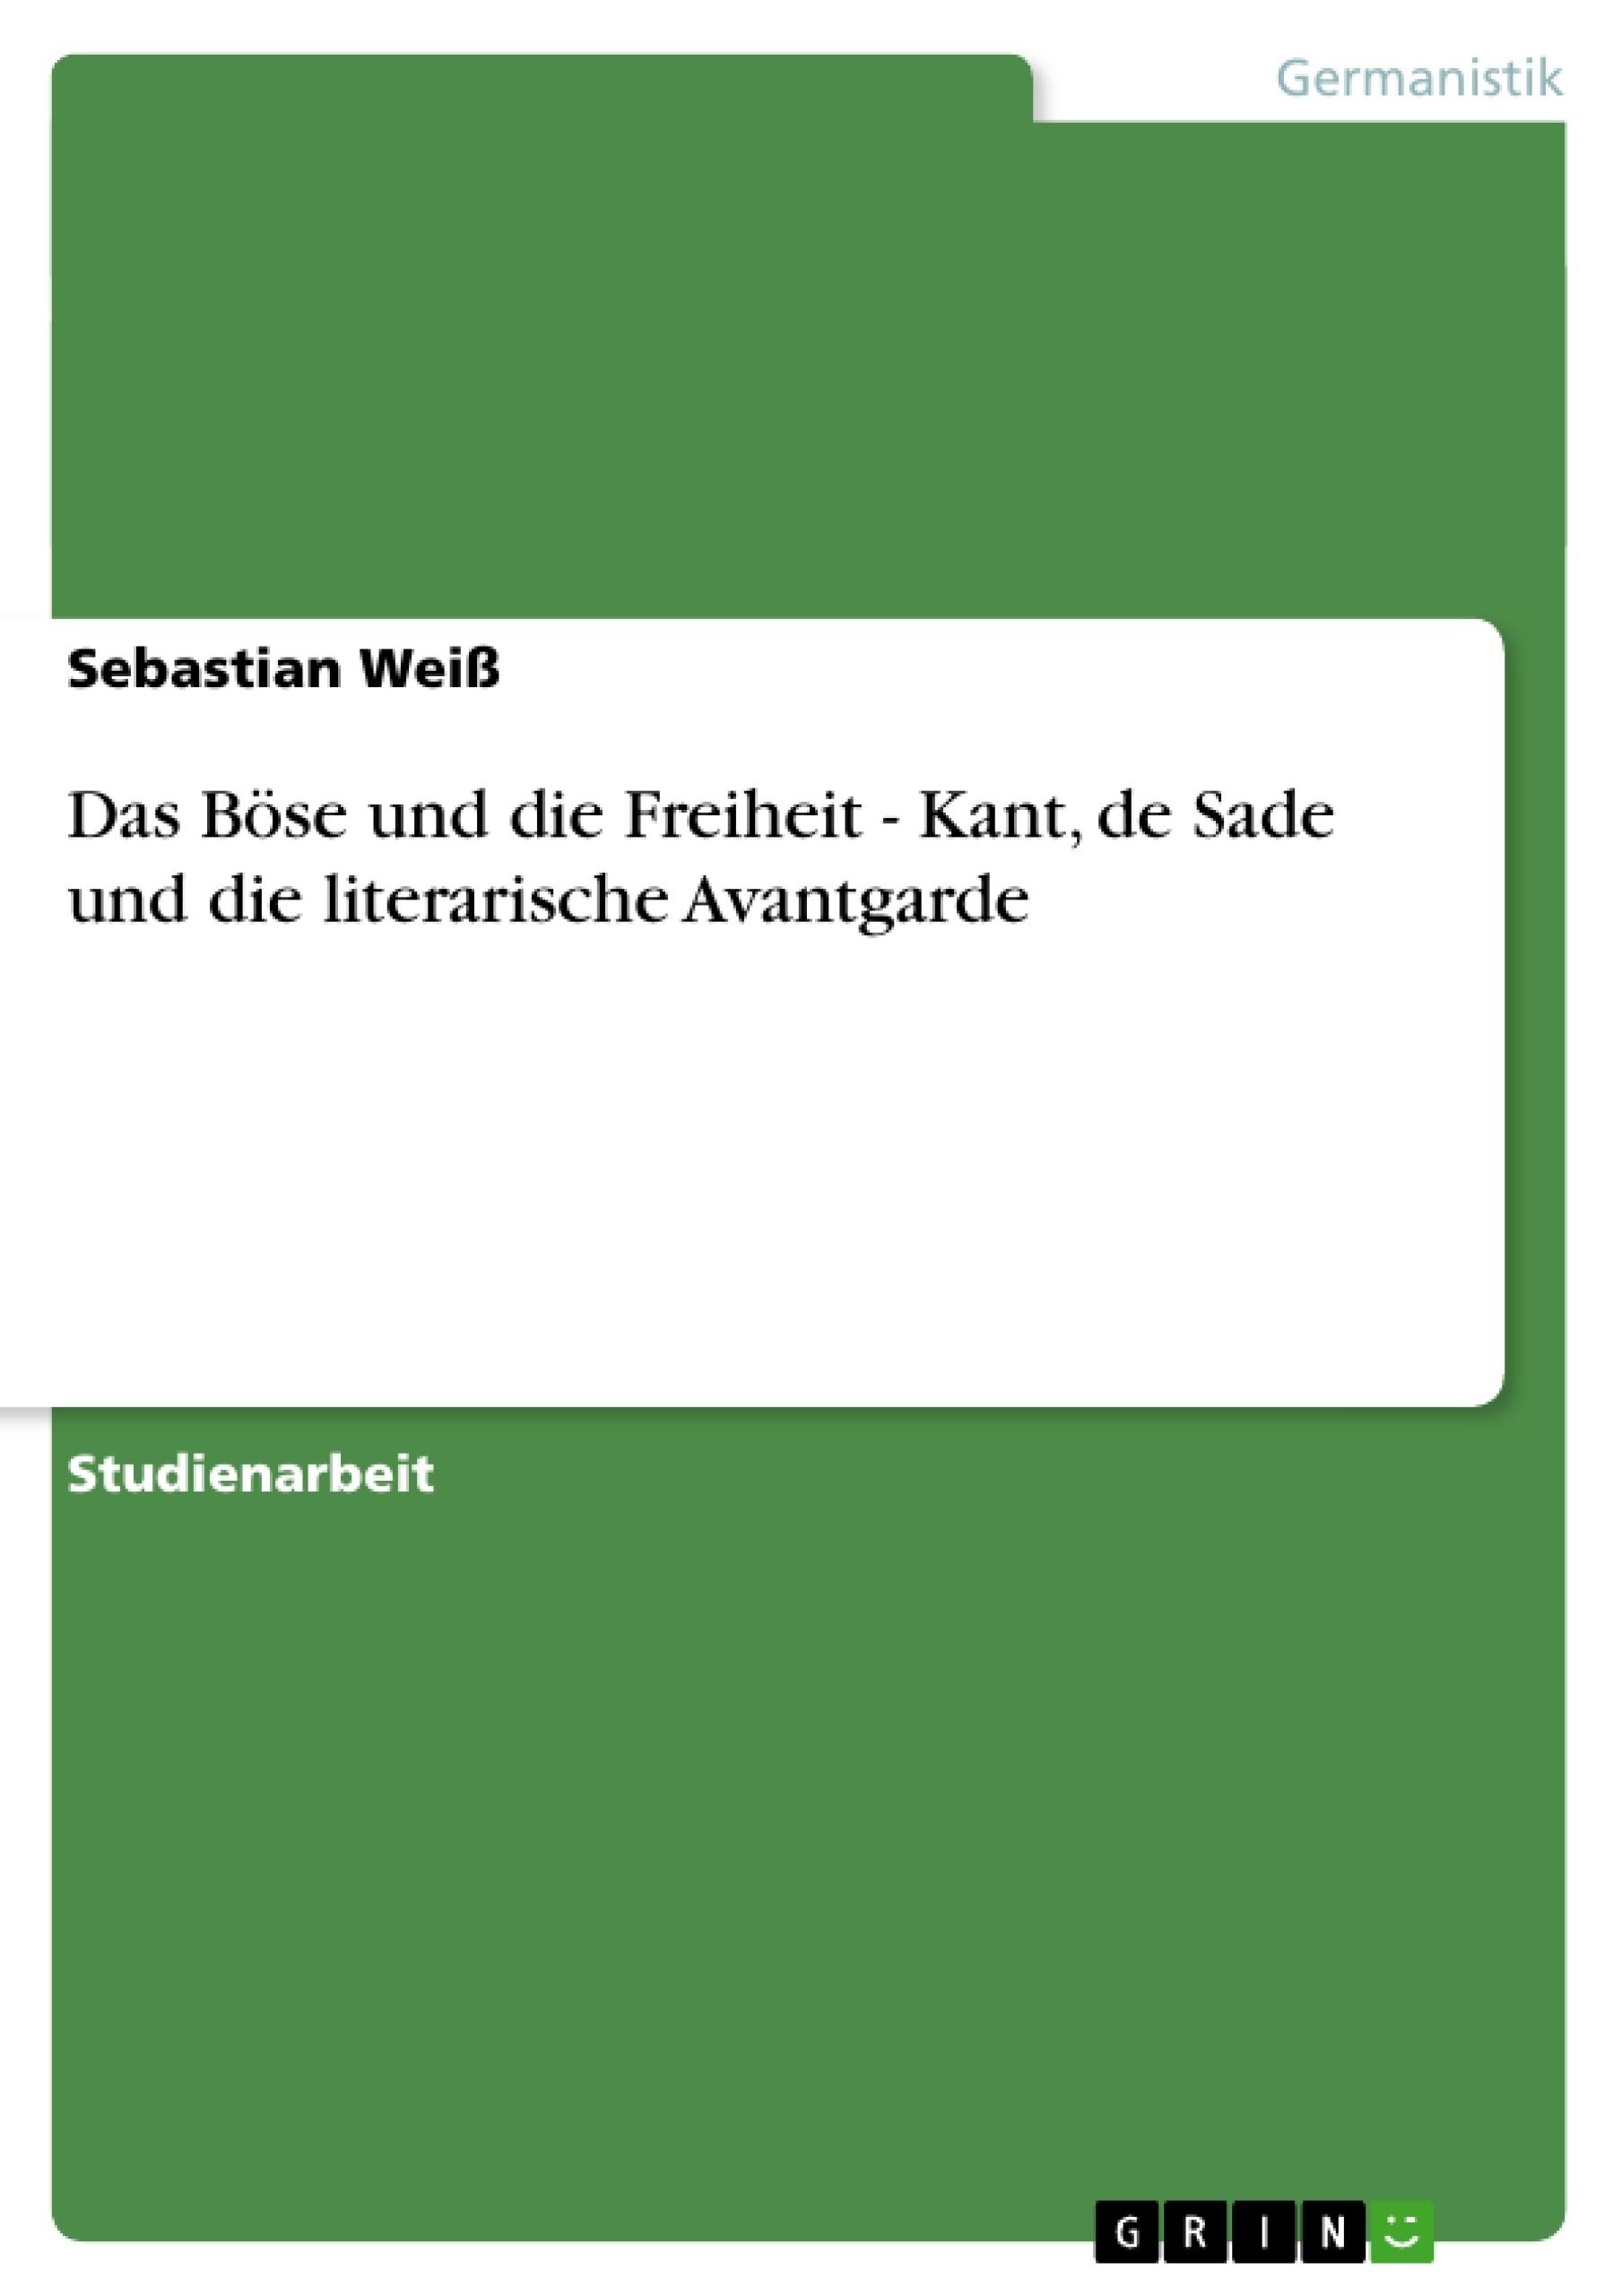 Titel: Das Böse und die Freiheit - Kant, de Sade und die literarische Avantgarde